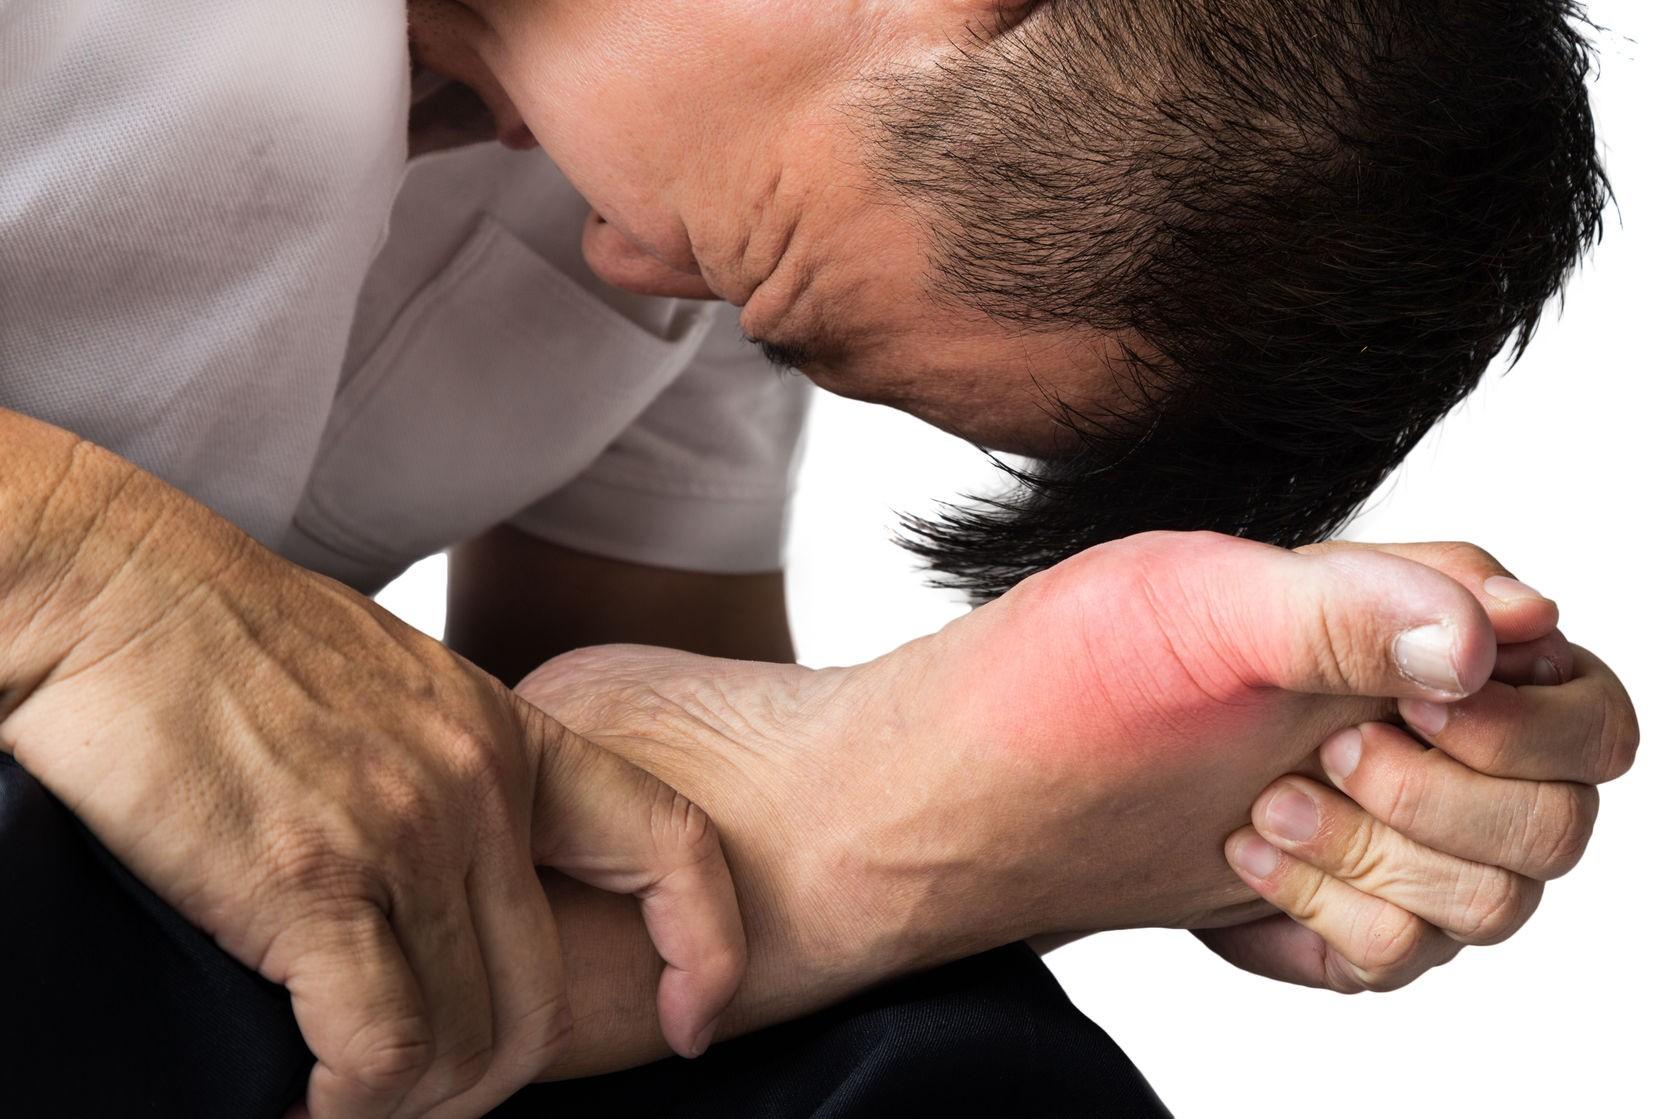 Cơn đau dữ dội ở các khớp